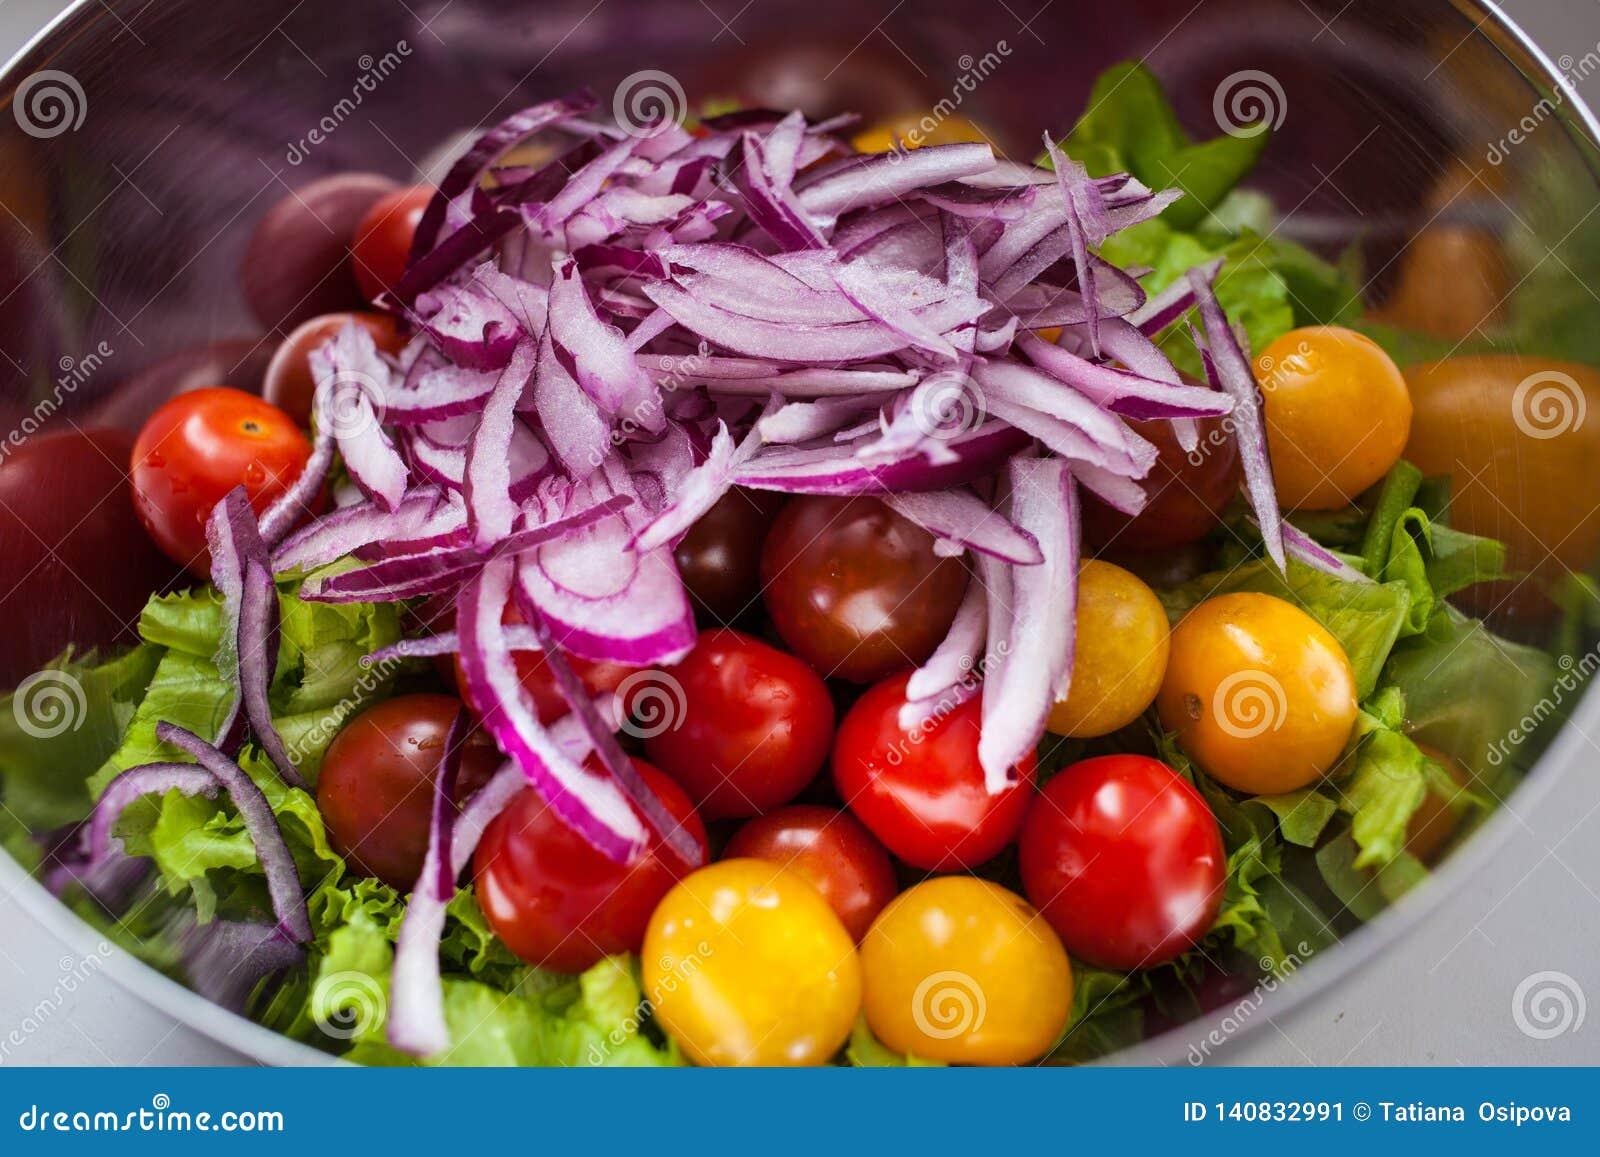 Świeża sałatka z rucola, pomidorami wiśnia, feta serem i czerwoną cebulą w pucharze, Odgórny widok